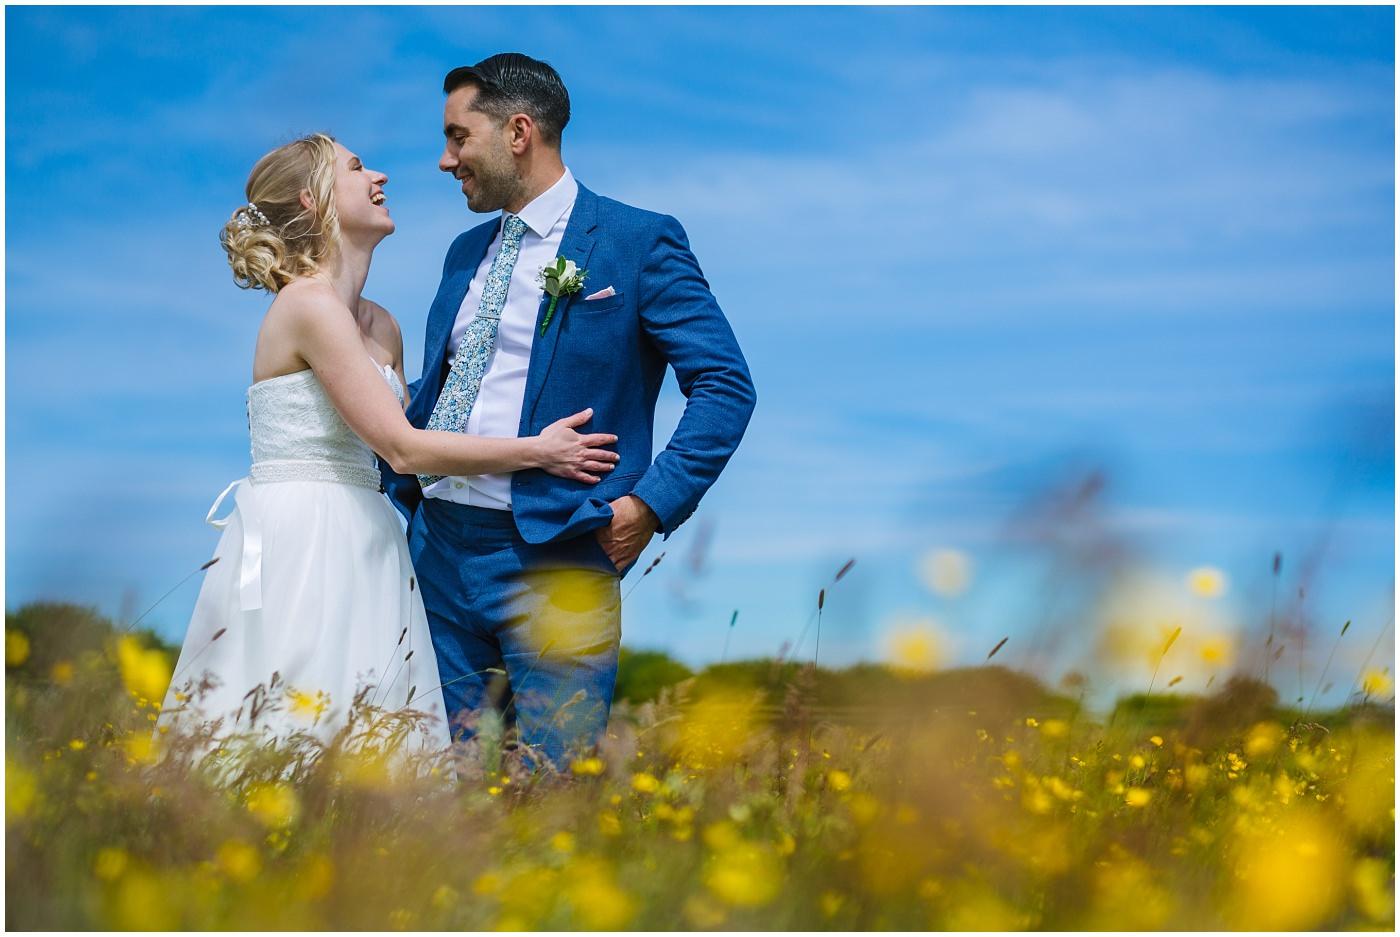 wildwood and eden wedding photography